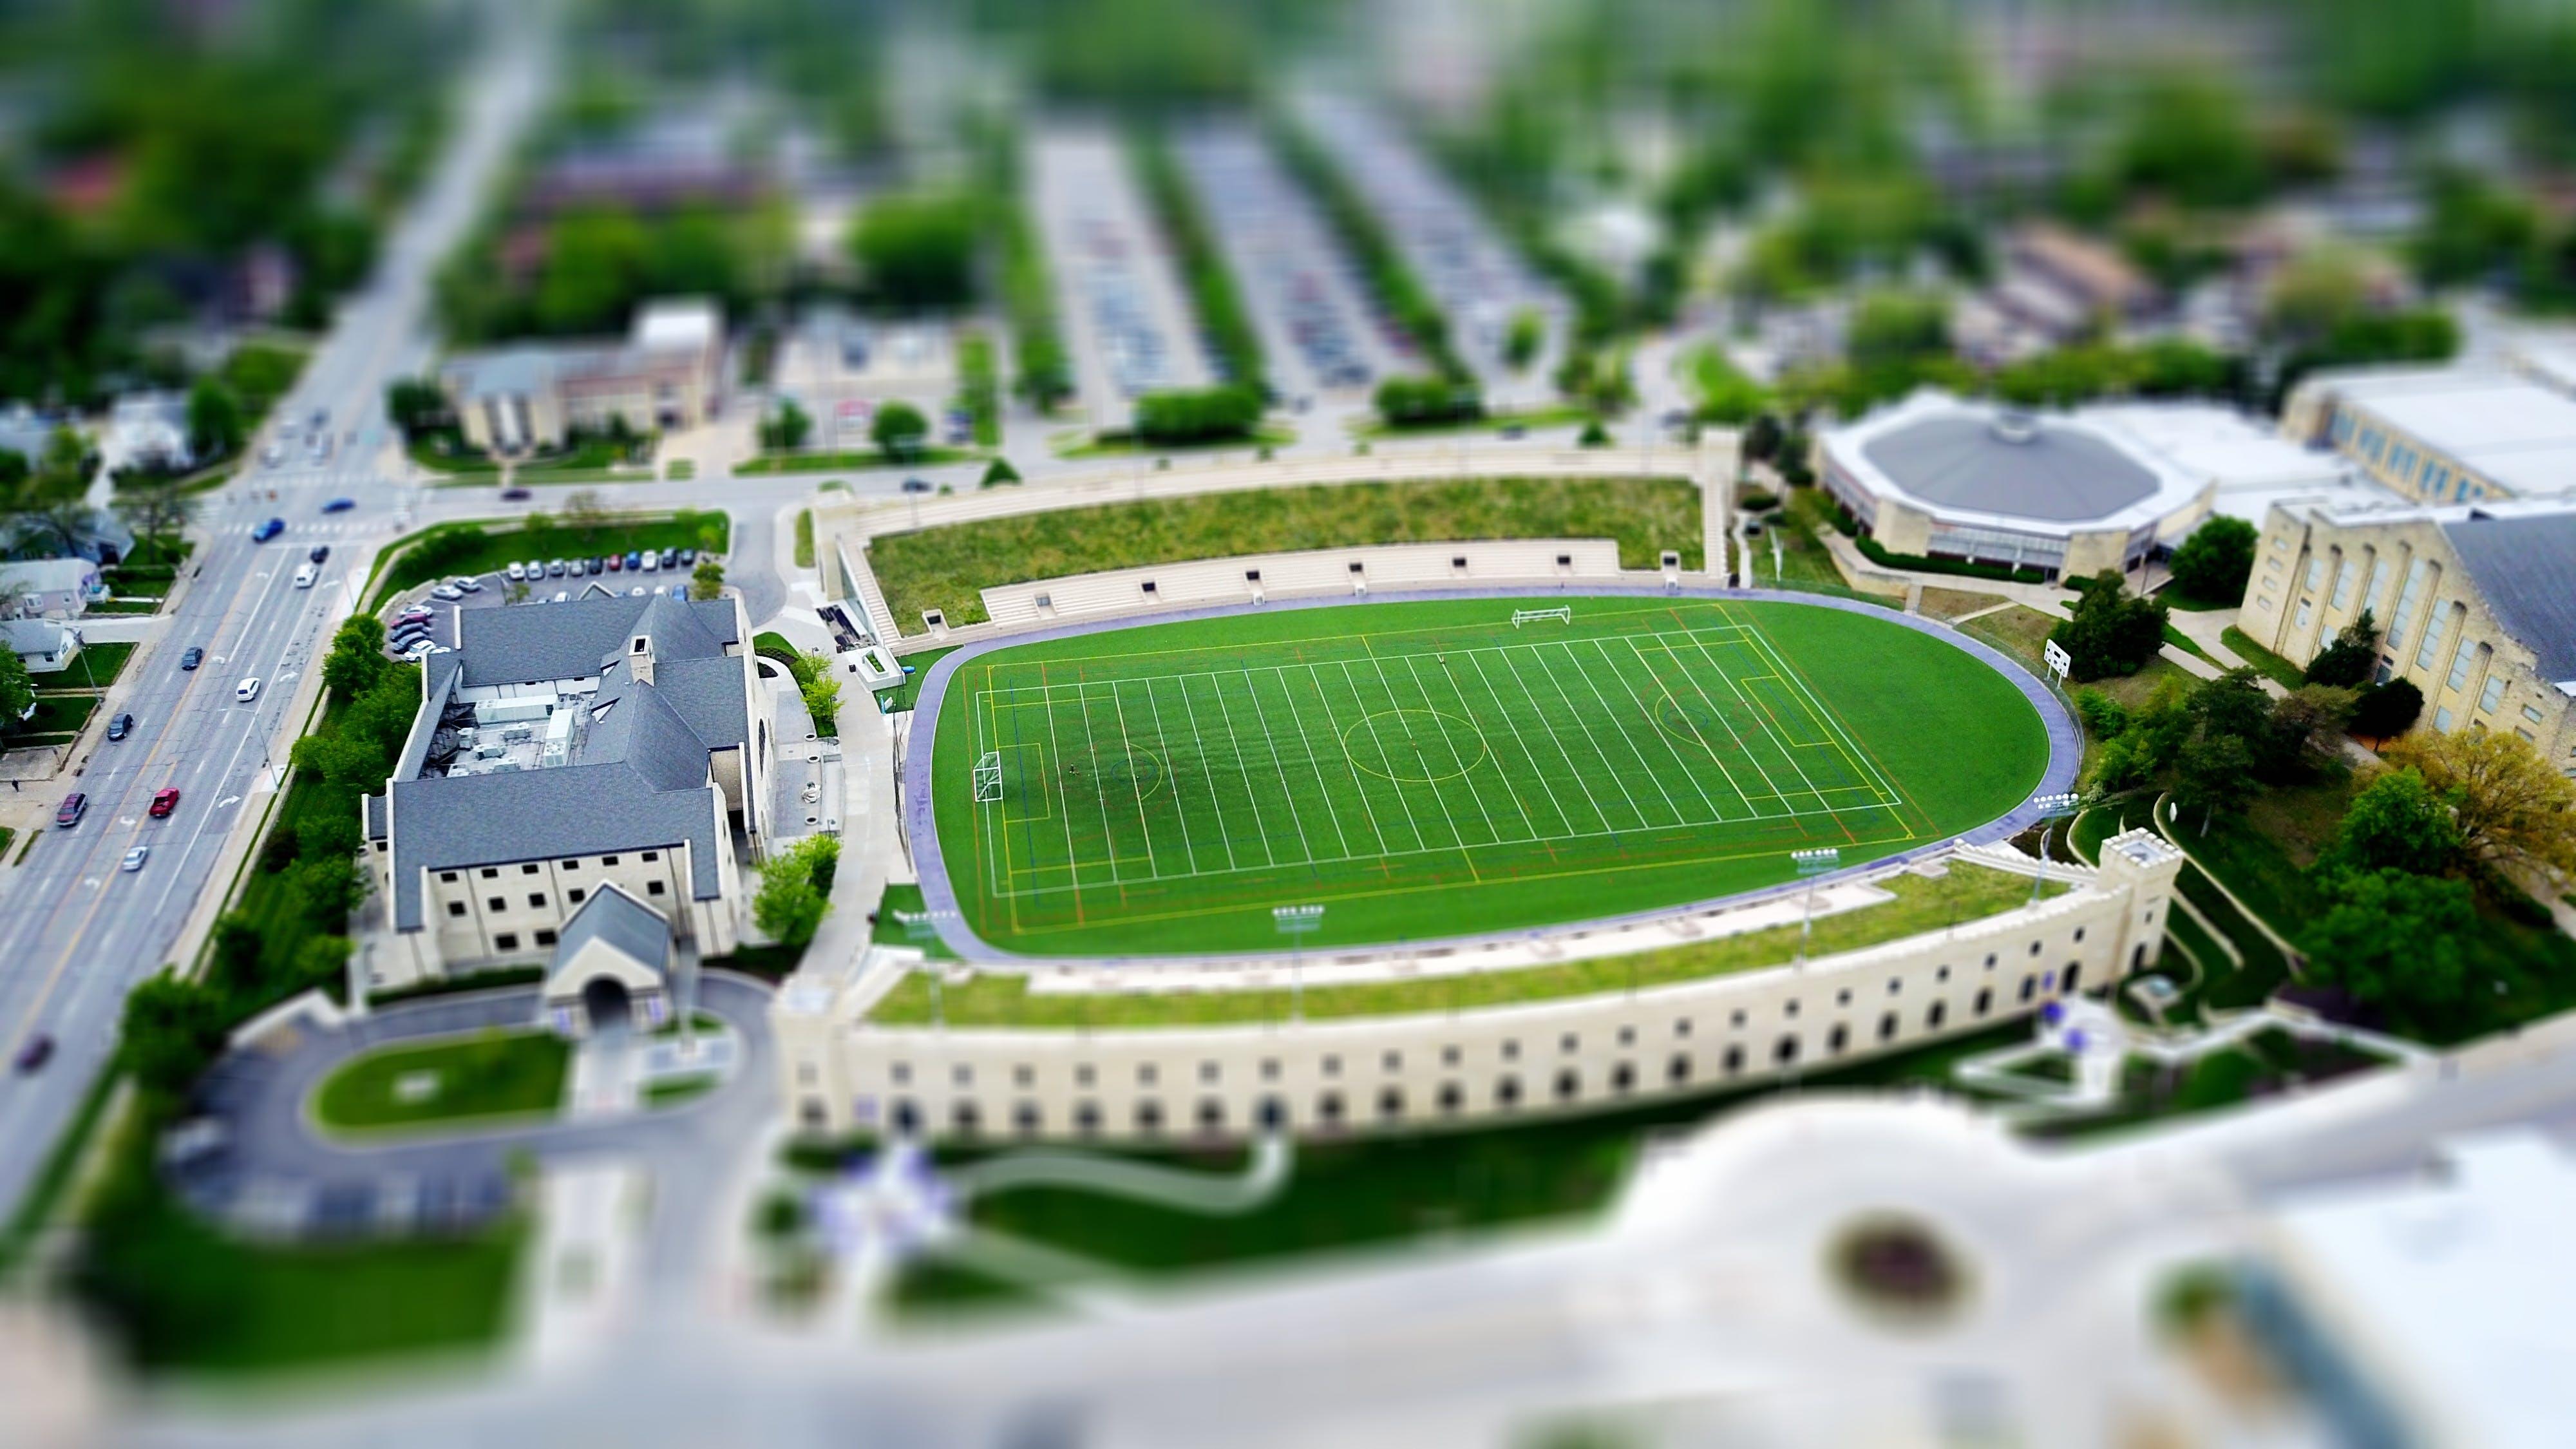 Miniature Stadium Figurine